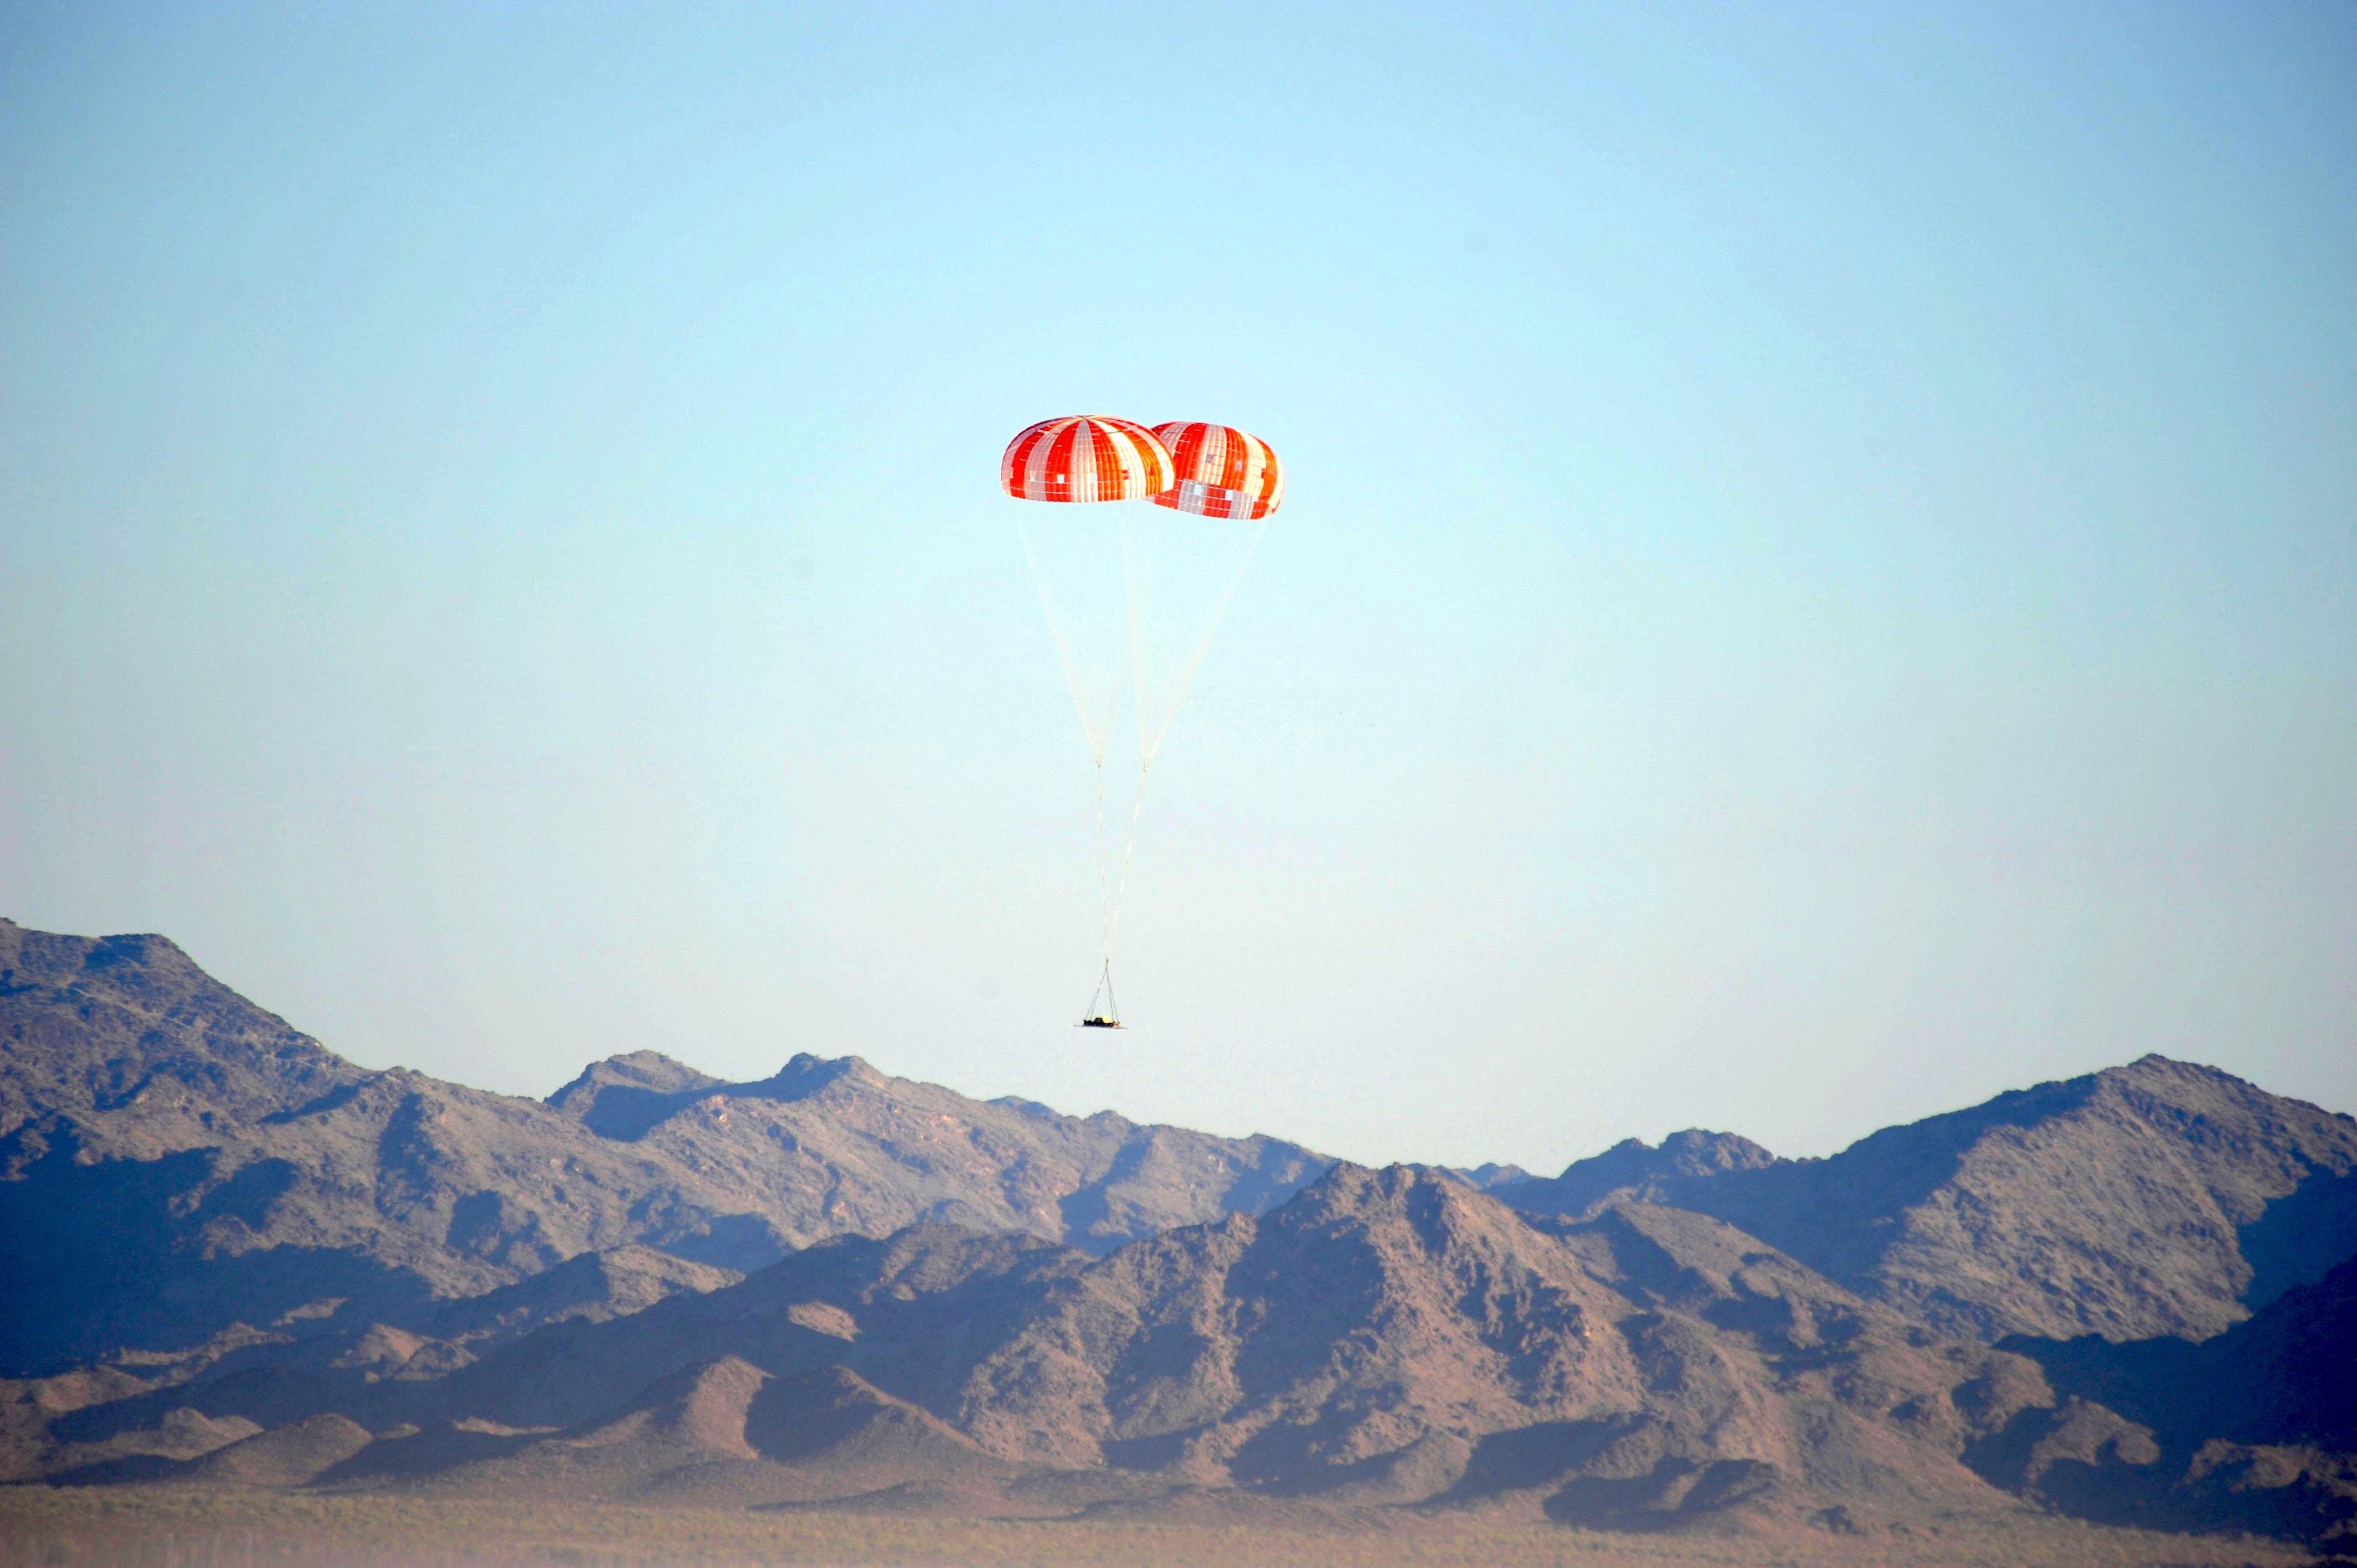 Landetest 2010 in Yuma in Arizona: Die Orion-Kapsel soll ähnlich wie die früheren Apollo-Kapseln von Fallschirmen gebremst im Meer landen. Diese Woche wird die Orion-Kapsel ihren Härtetest bestehen müssen.